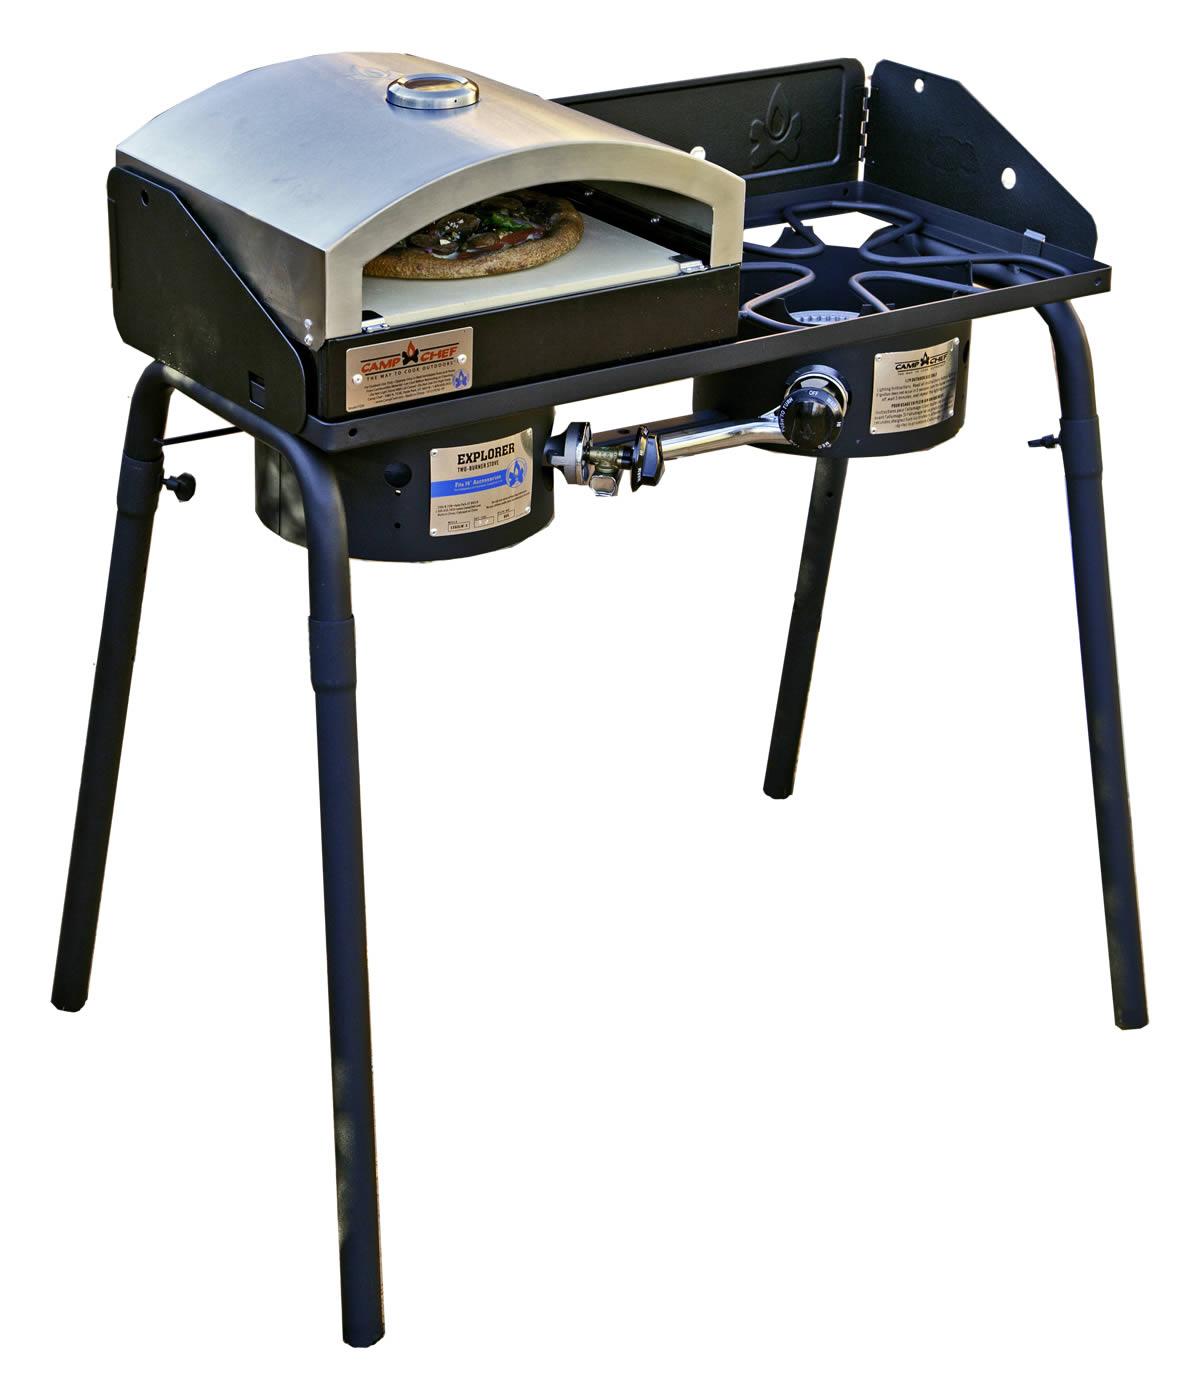 Camp Chef Explorer 2 Burner Stove + 1 Burner Oven